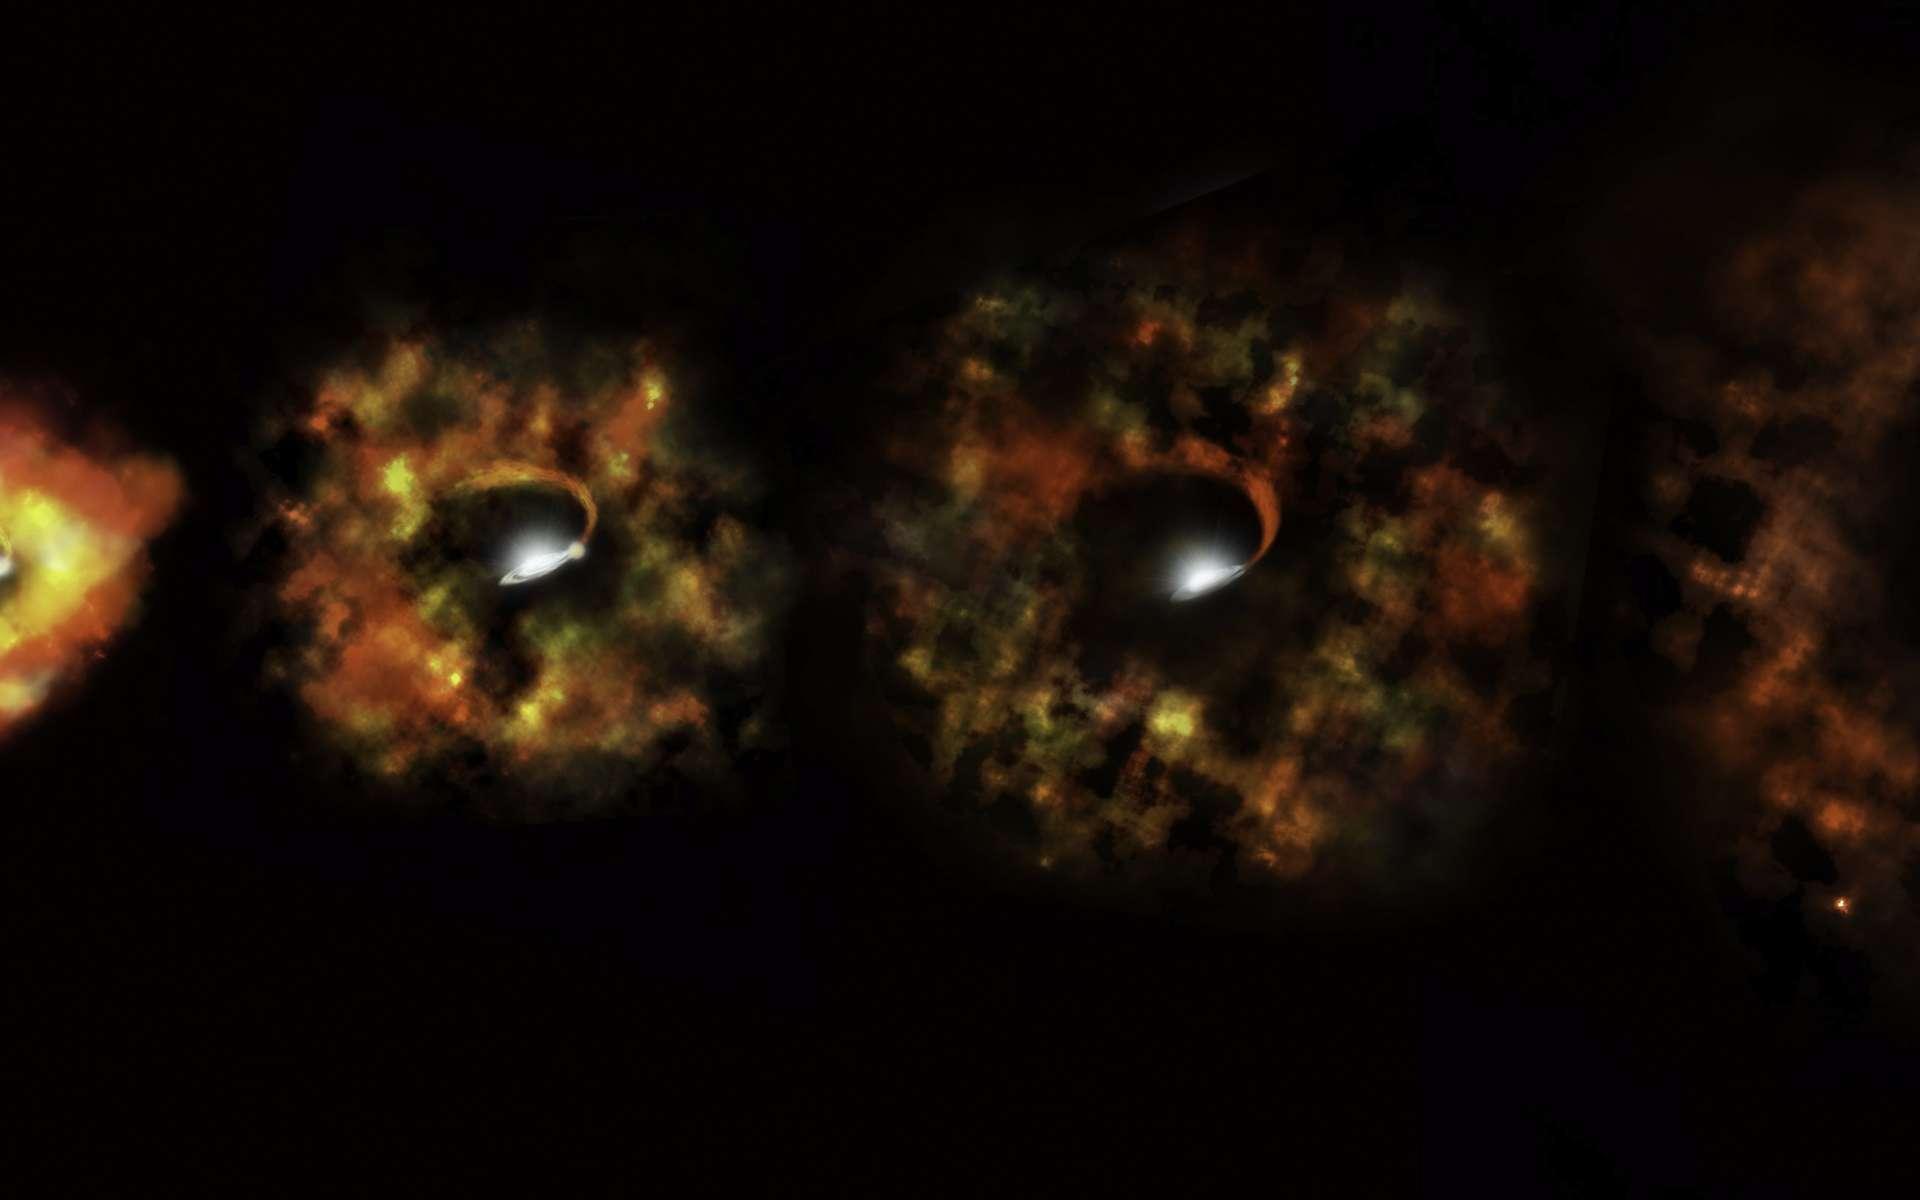 Une vue d'artiste de la formation supernova ratée avec N6946-BH1 qui est en fait devenue presque directement un trou noir. La supergéante rouge aurait bien explosé mais la majorité de sa matière n'aurait pas été éjectée, devenant un trou noir accrétant la matière restante et brillant dans le domaine des rayons X. © Nasa, ESA et P. Jeffries (STScI)